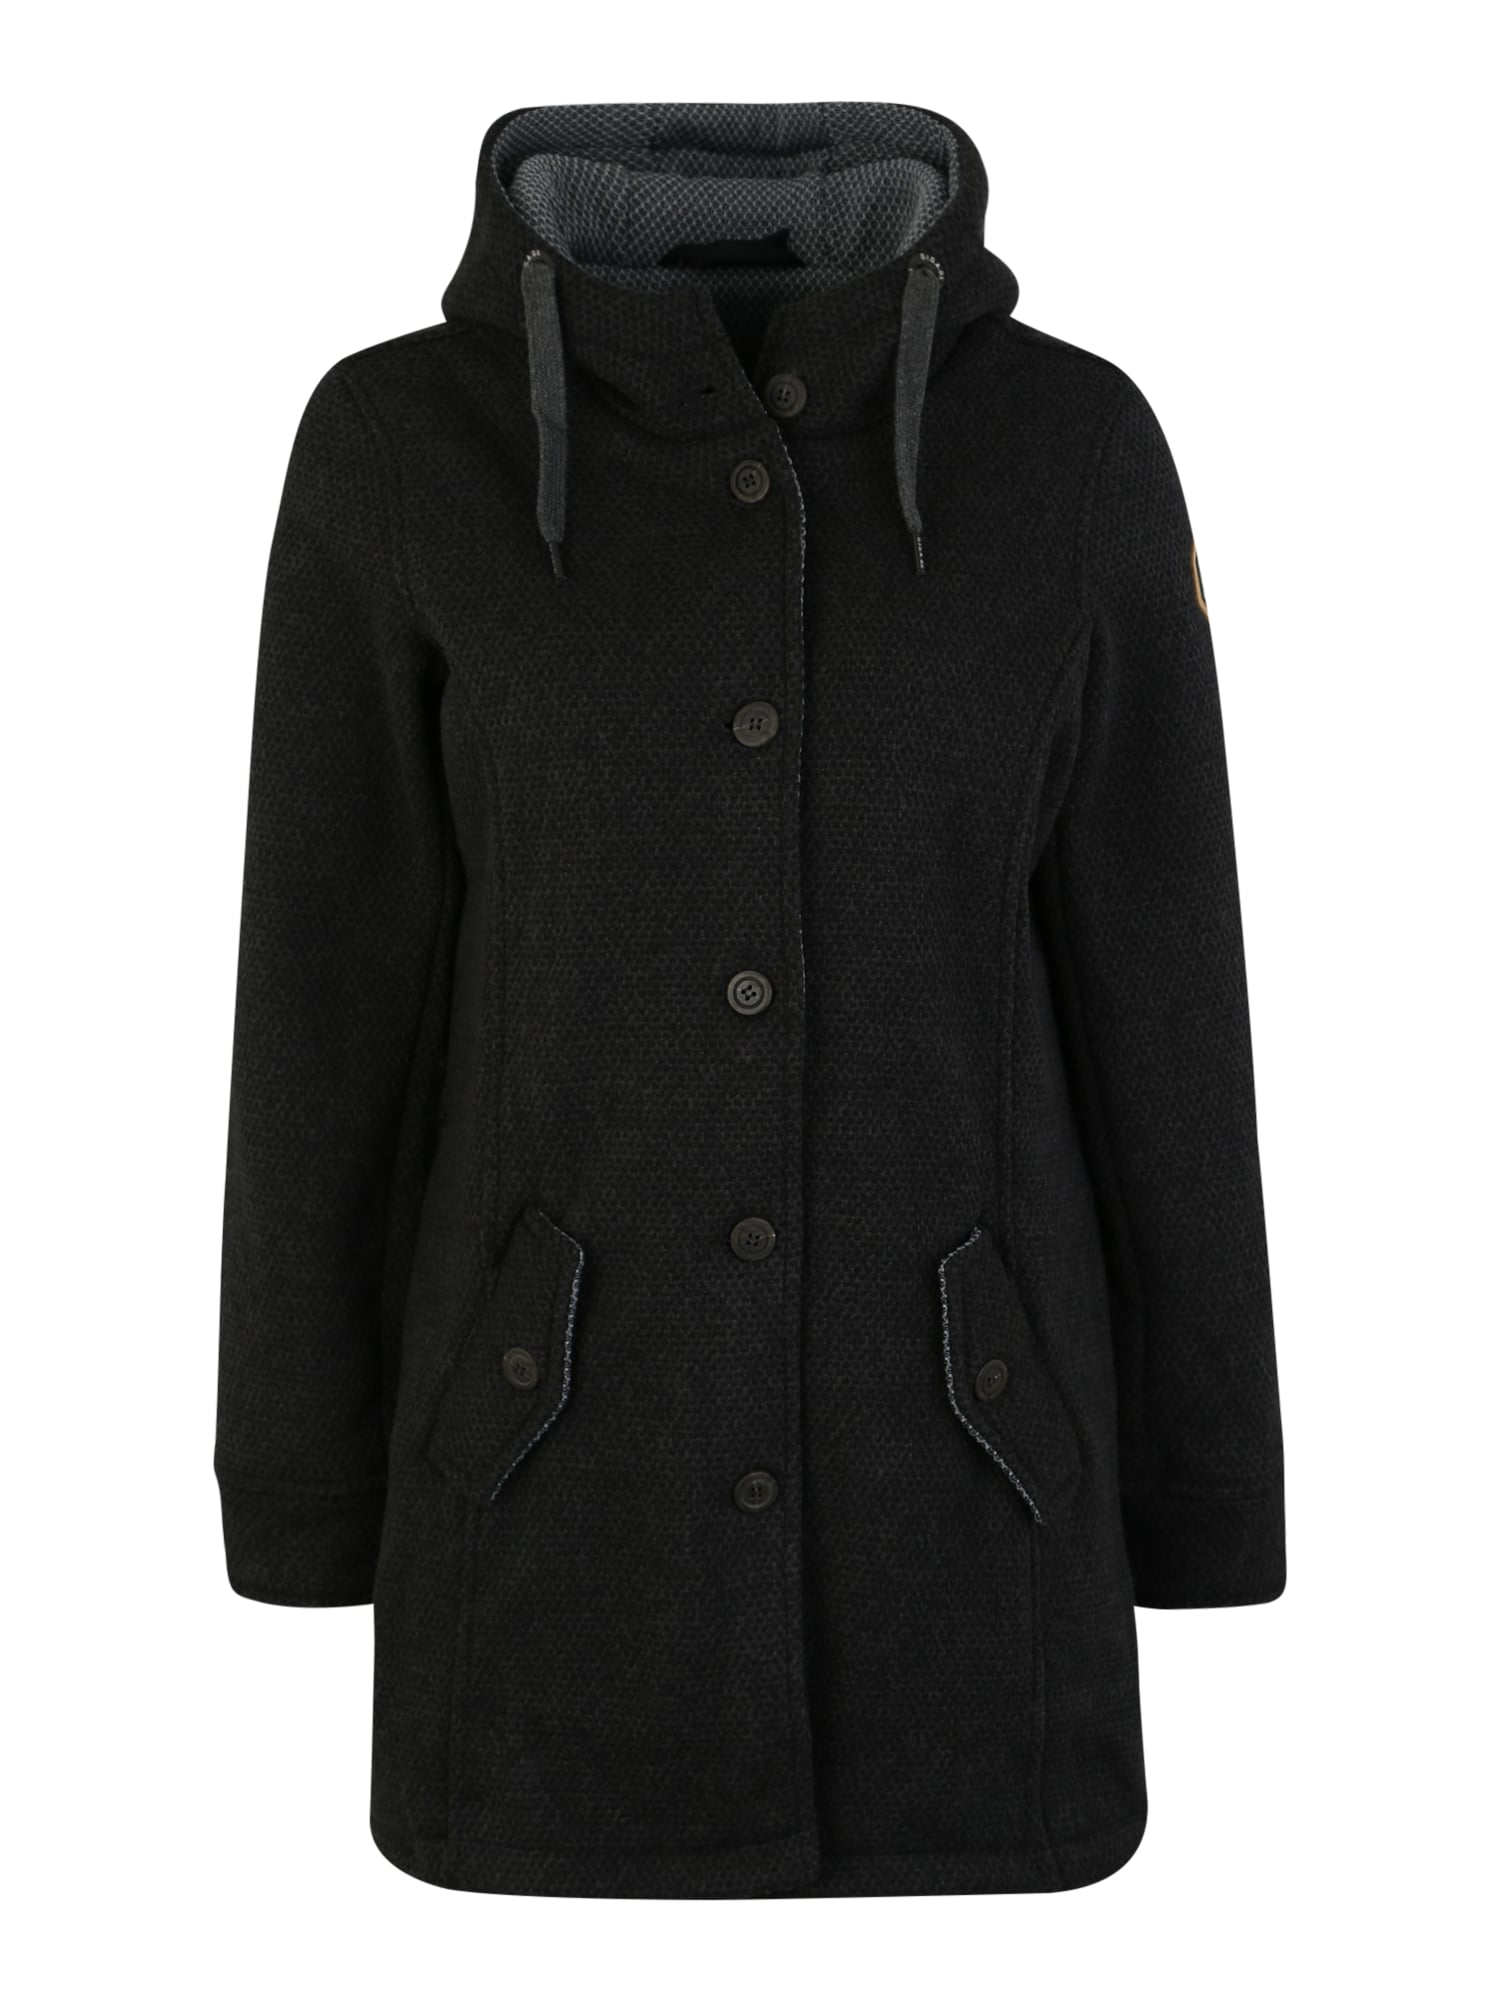 Outdoorový kabát Camidara antracitová G.I.G.A. DX